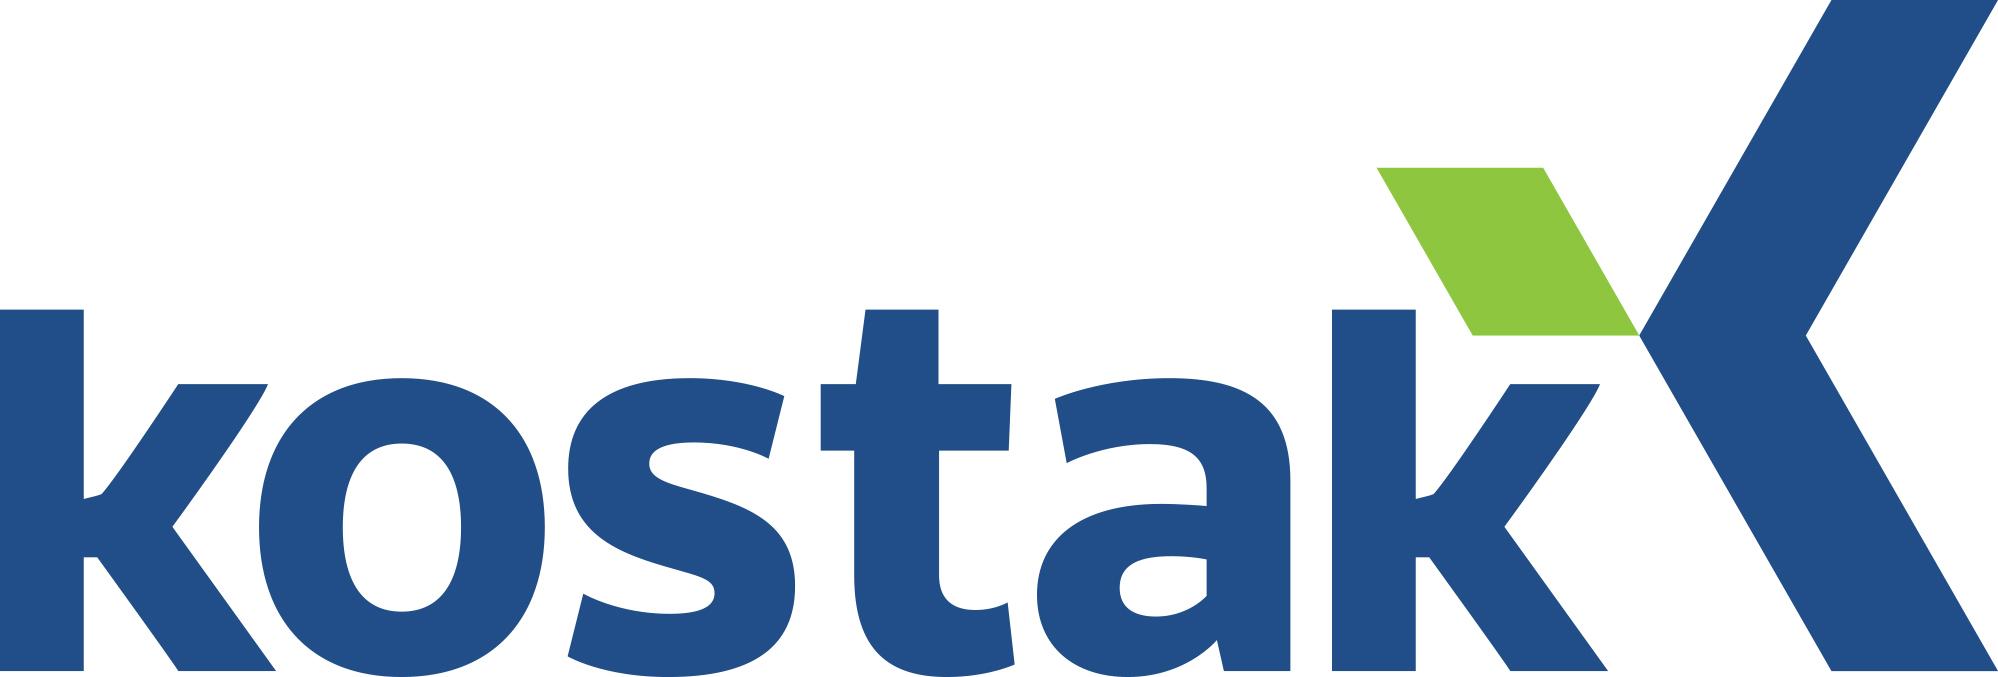 prenos logotipa družbe